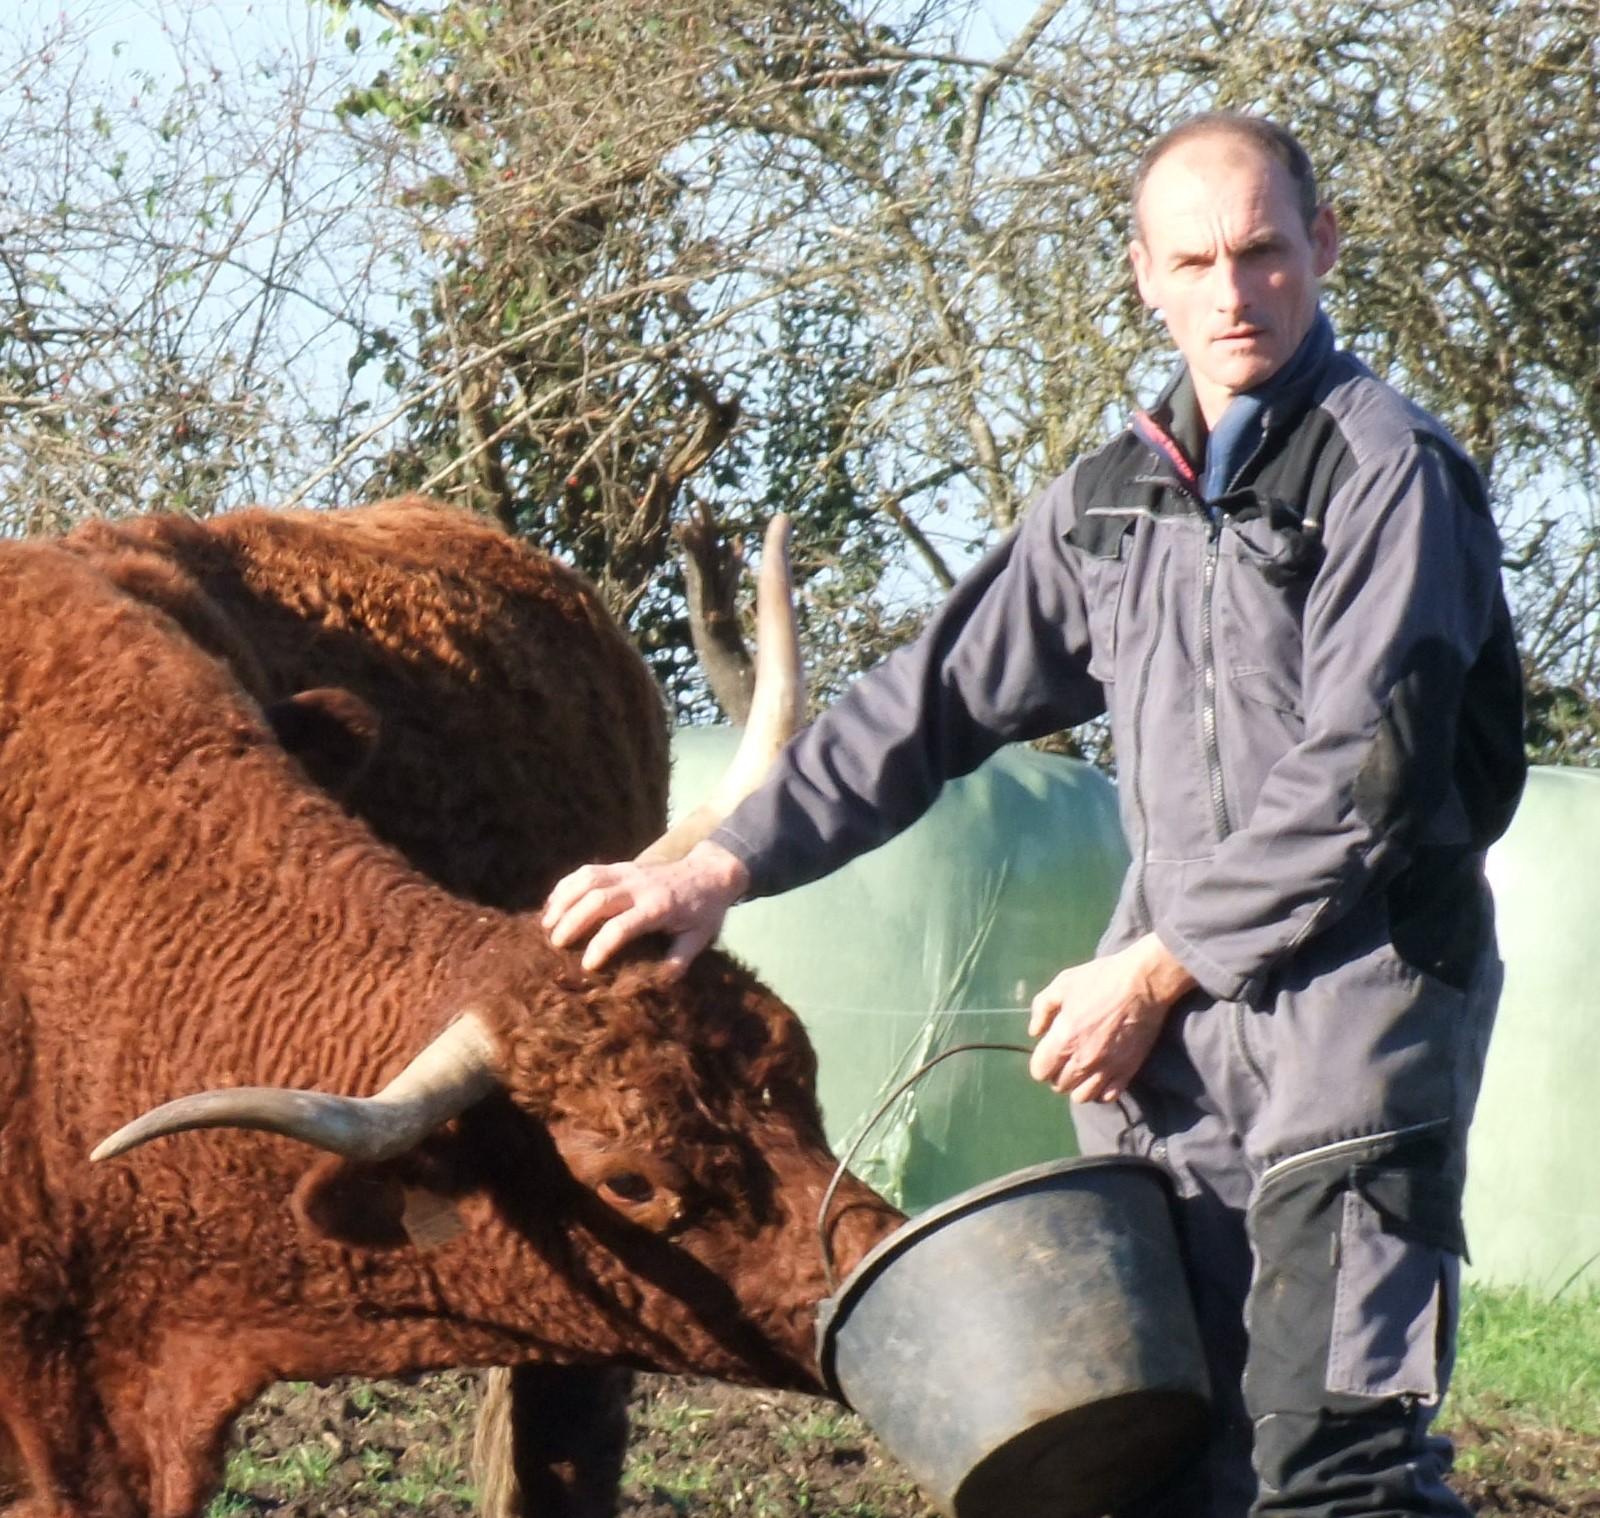 Vincent Haslé - agriculteur chailland - Mayenne - 53 agriculture- vente à la ferme - Catherine Haslé - Bernard pouteau